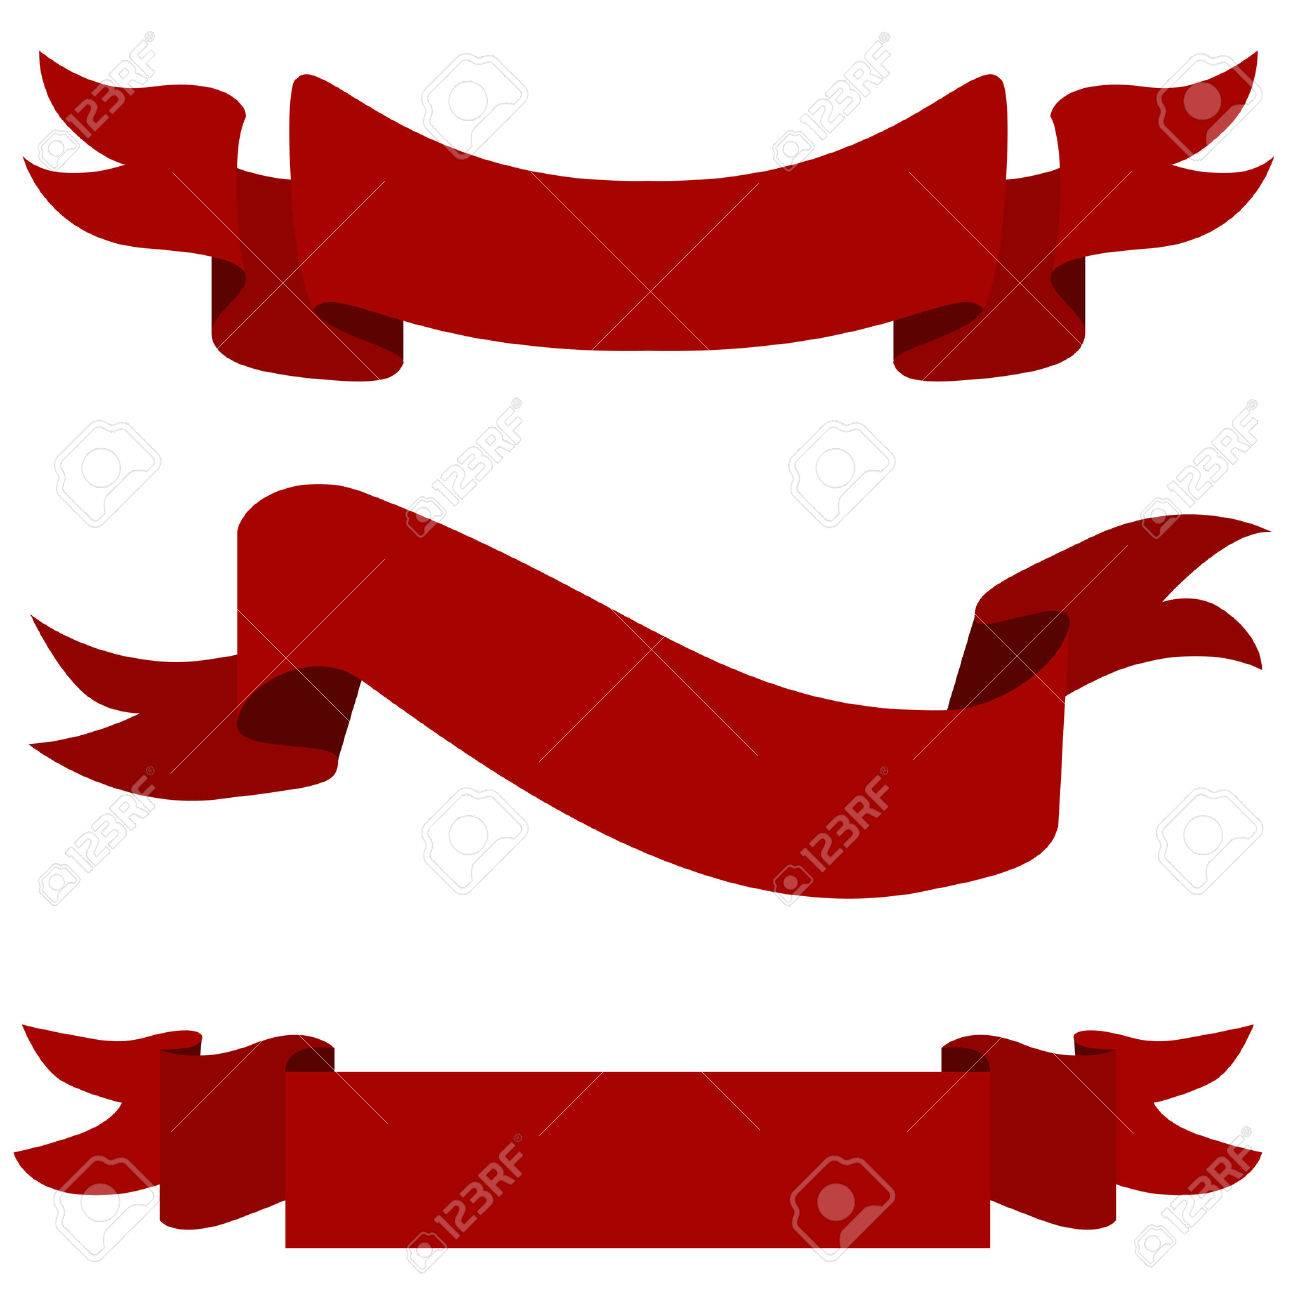 395 878 ribbon banner stock illustrations cliparts and royalty free rh 123rf com ribbon vector png ribbon vector tutorial